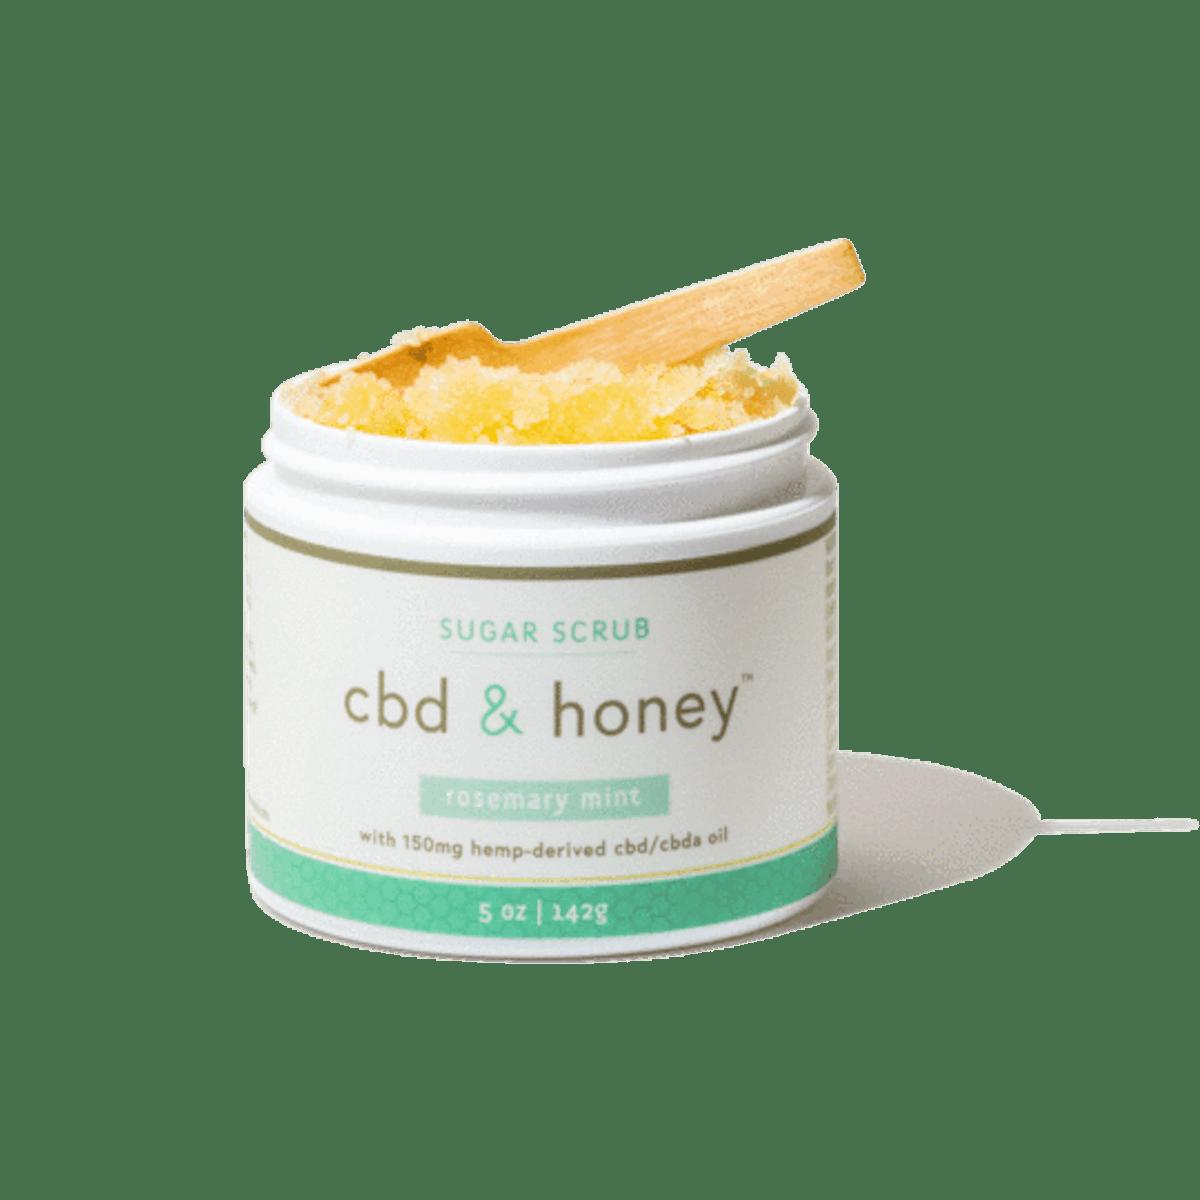 CBD & Honey Sugar Scrub